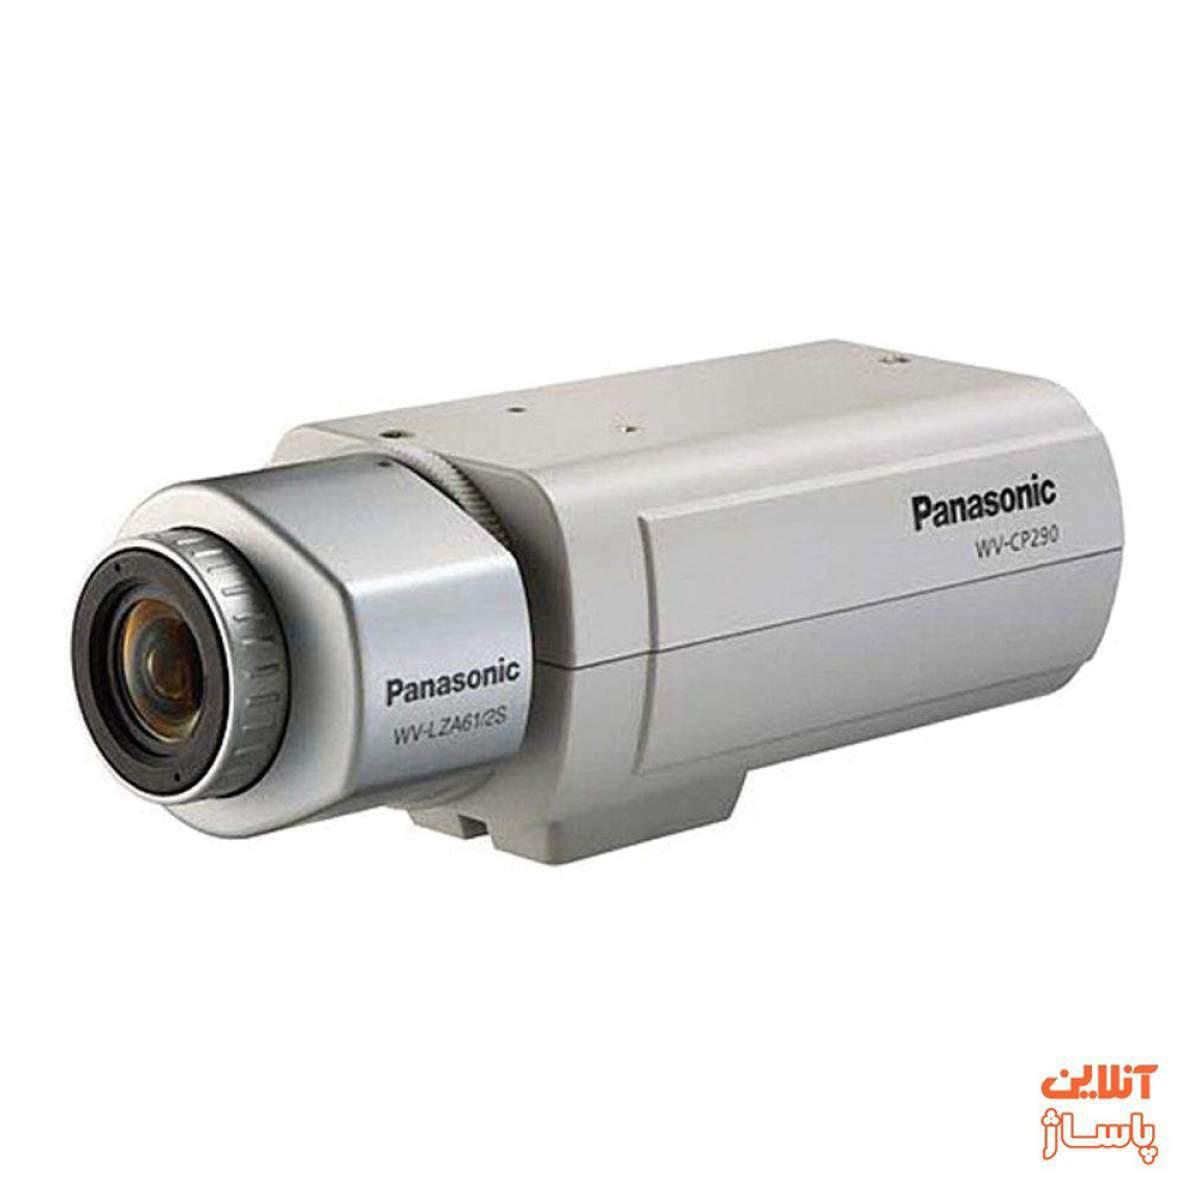 دوربین مداربسته آنالوگ پاناسونیک مدل WV-CP290